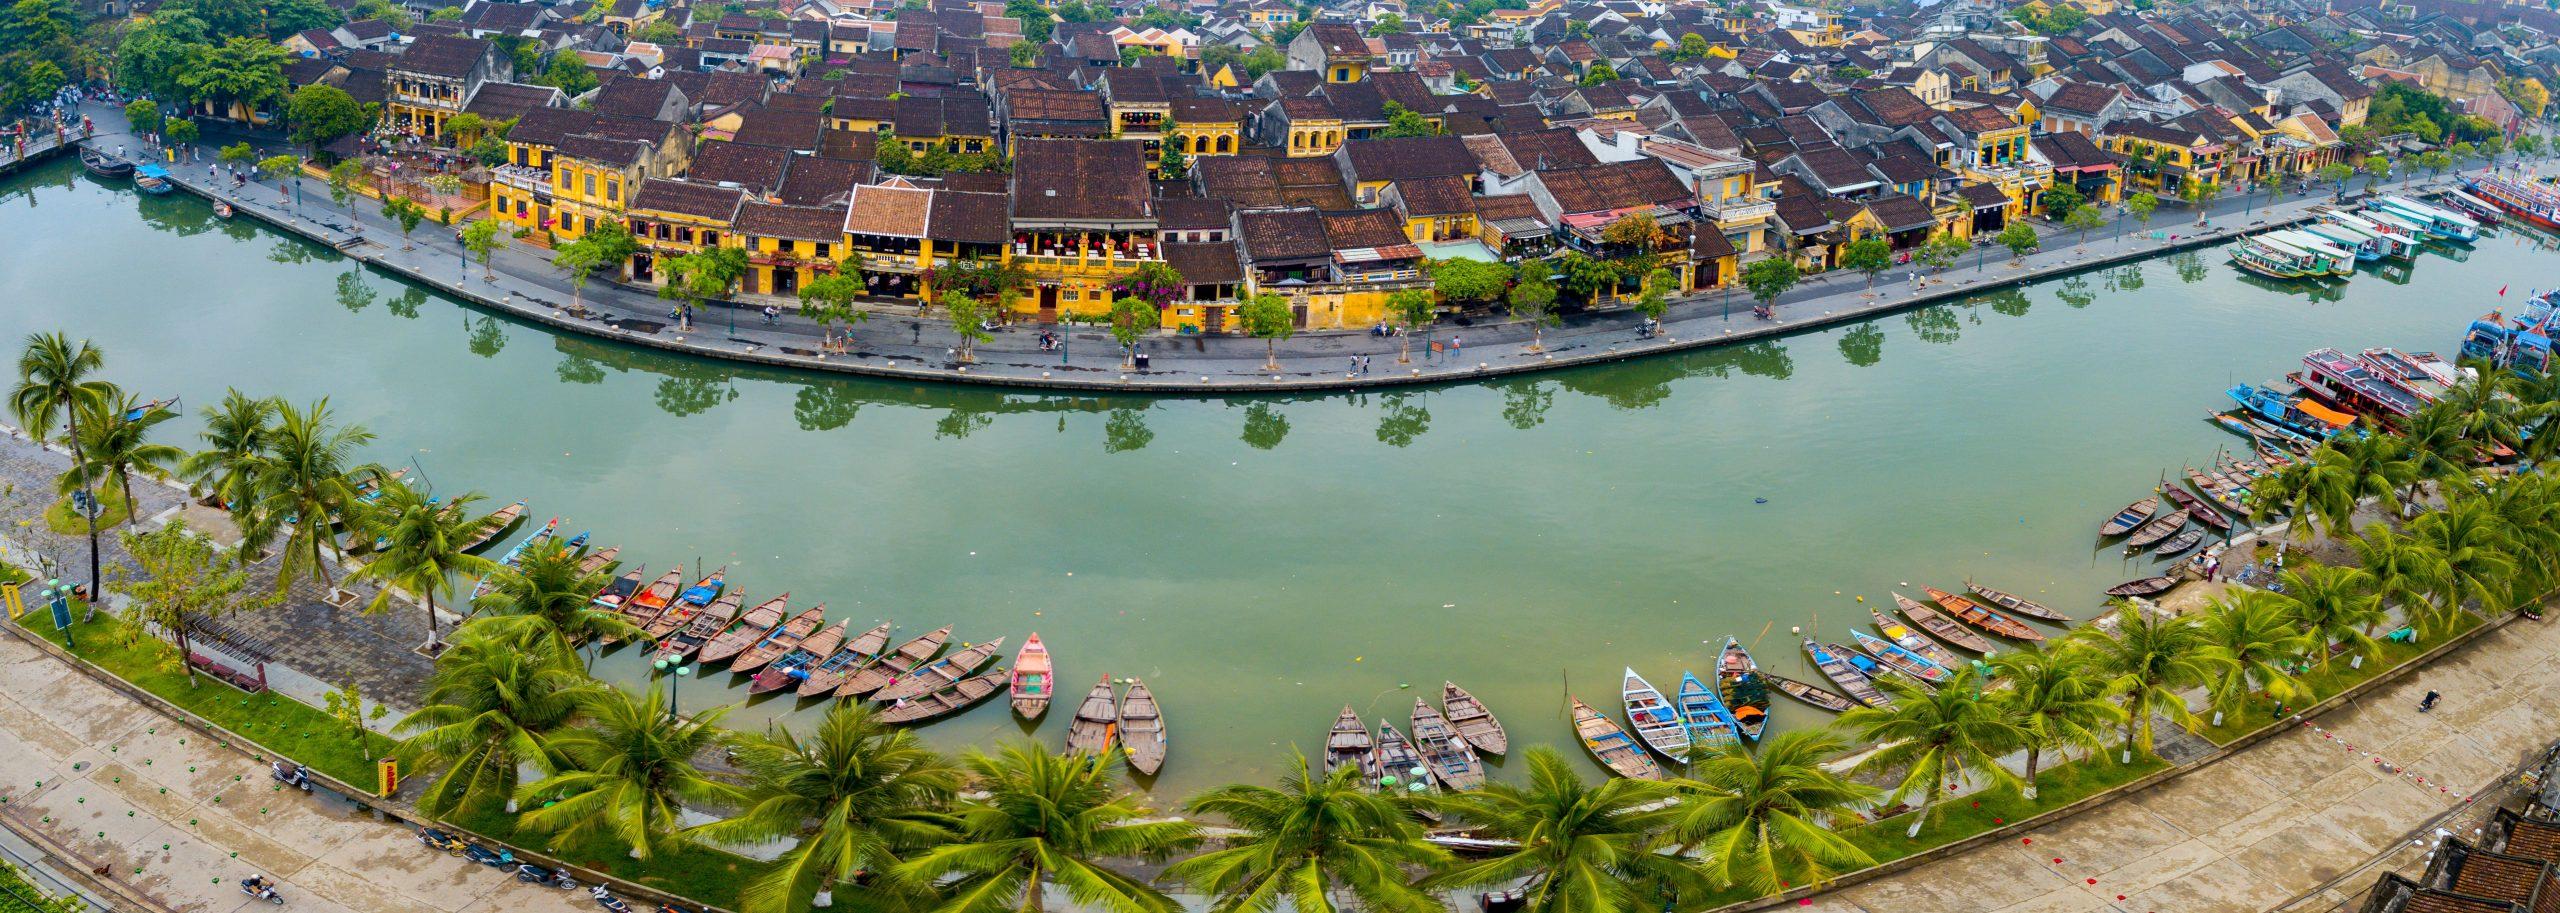 Hoi An Vietnam 01